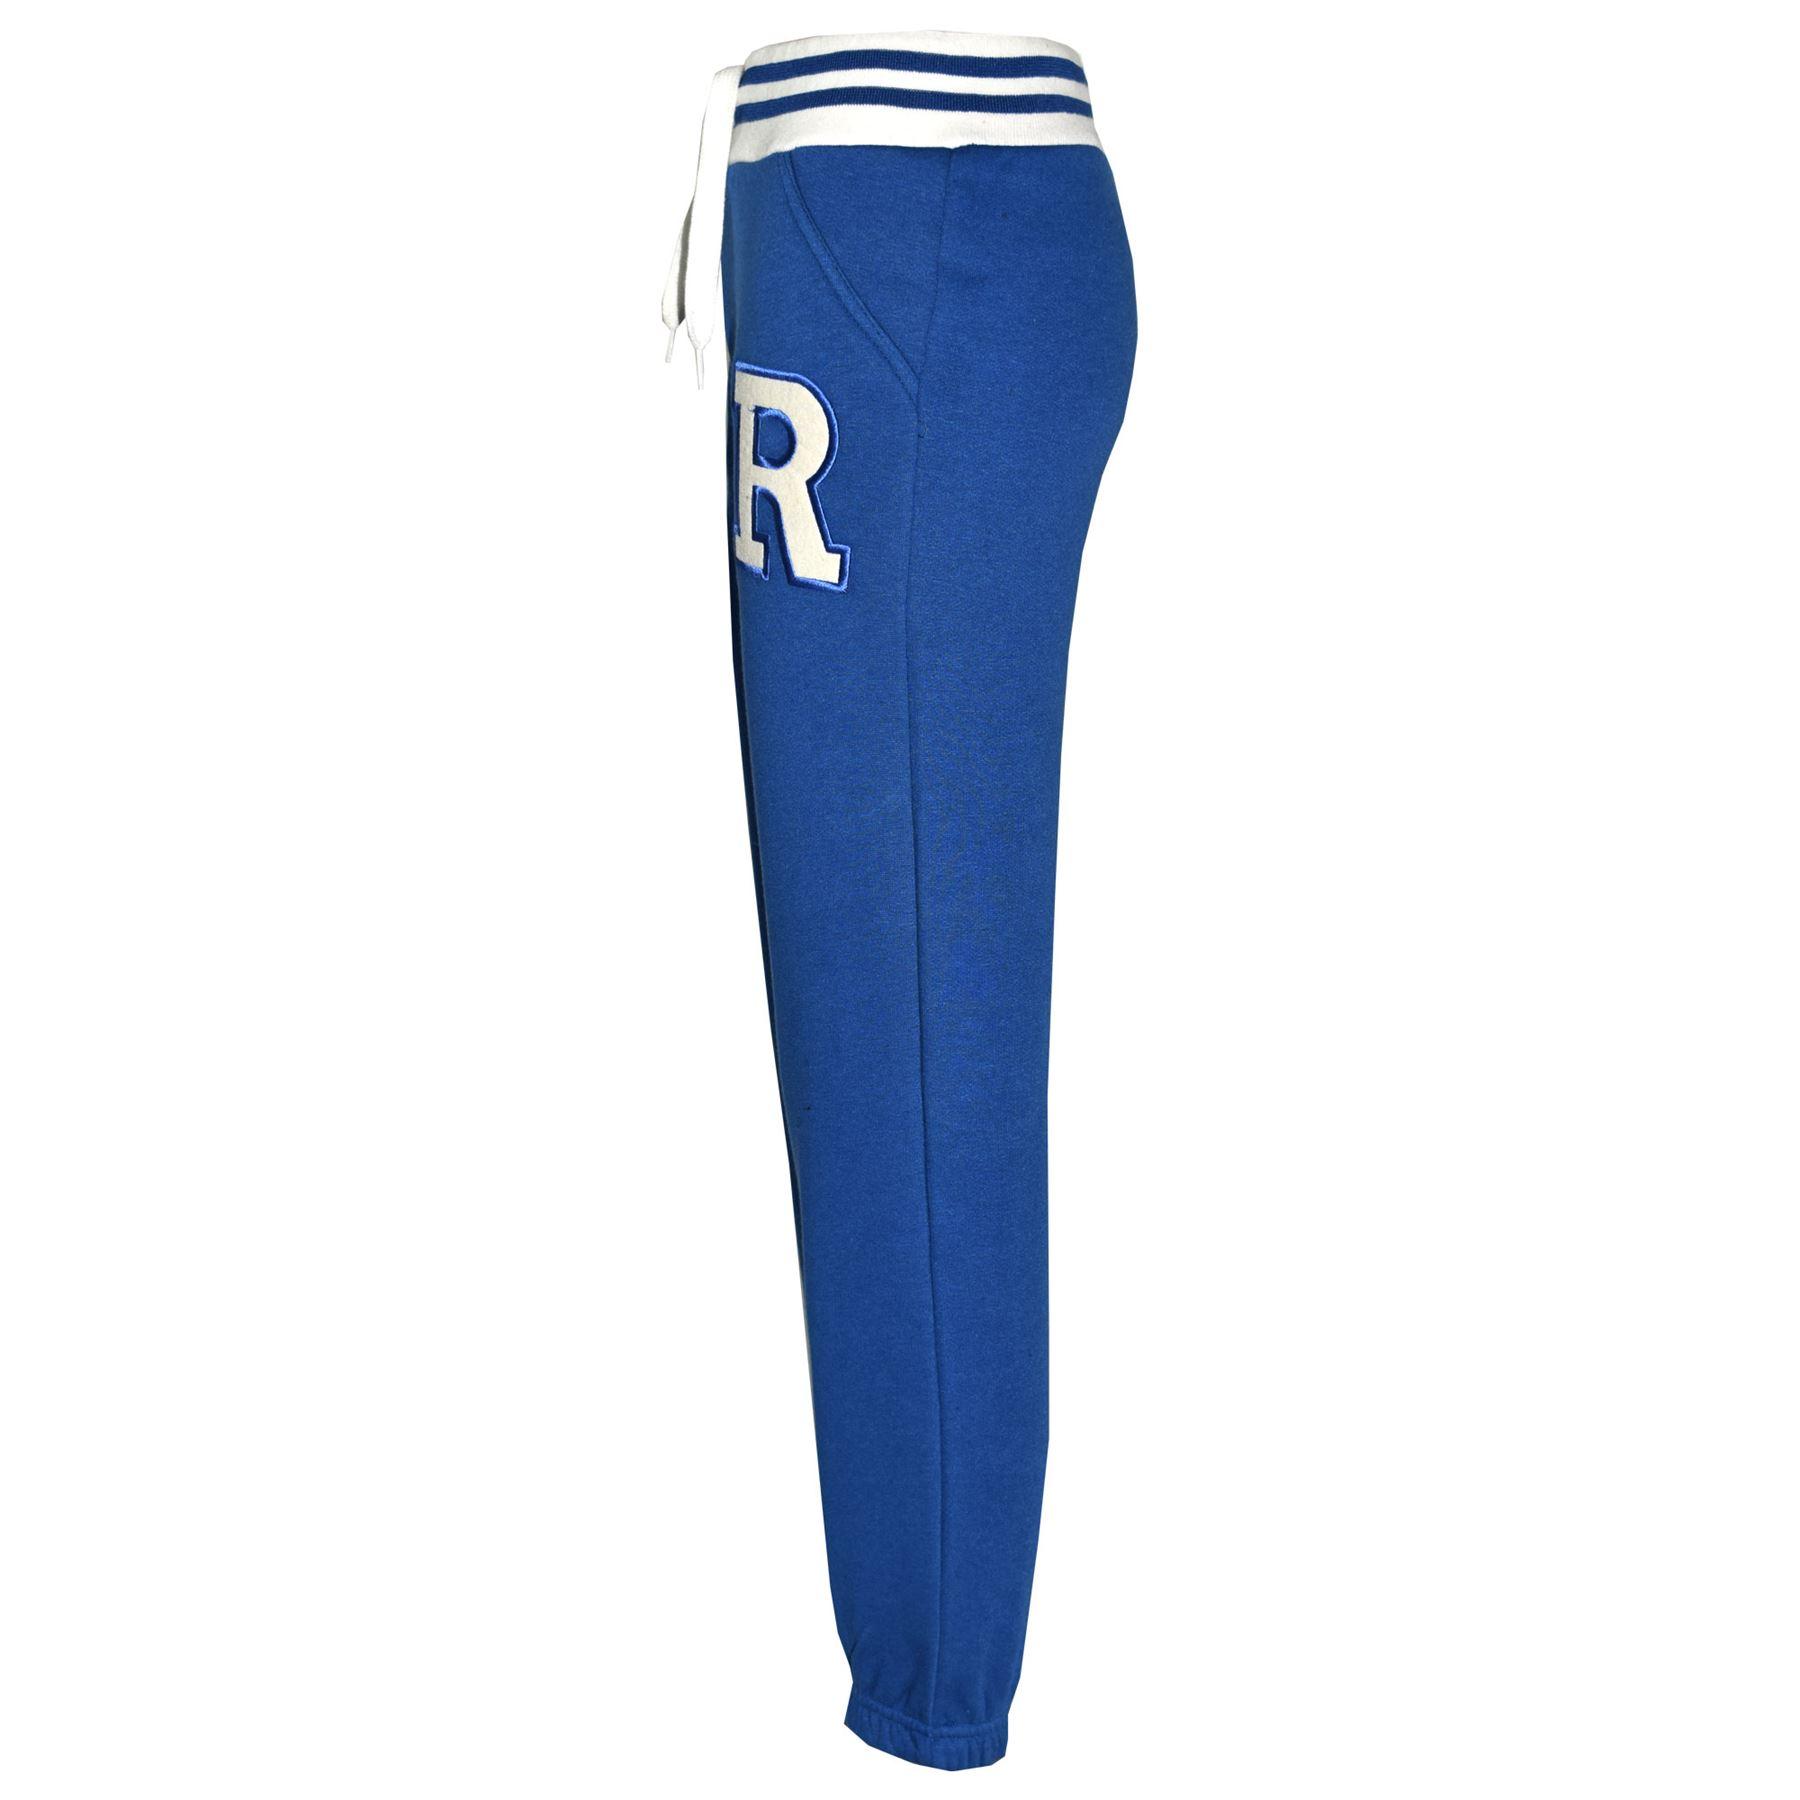 Bambini Tuta Da Jogging Ragazzi Ragazze Designer/'S Baseball R Felpa Con Cappuccio Tuta Inferiore 7-13Y